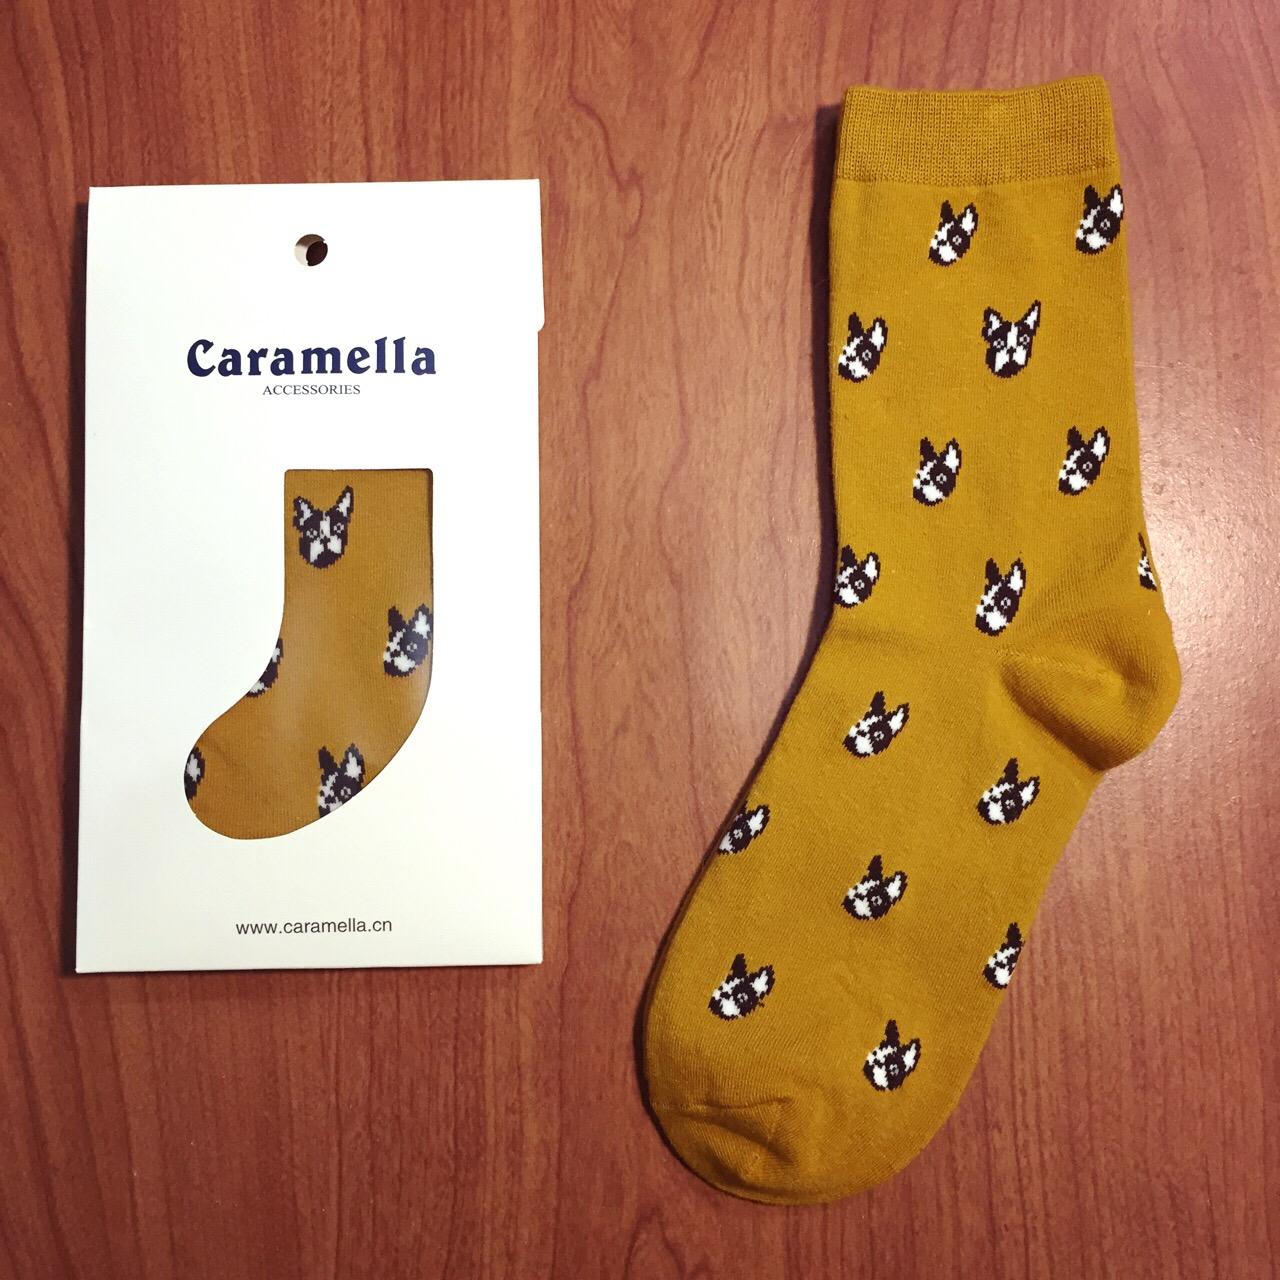 【開幕促銷】Caramella 法鬥 黃色 中筒襪 短襪 船襪 隱形襪 五指襪 文青情侶 運動穿搭 阿華有事嗎 C0004